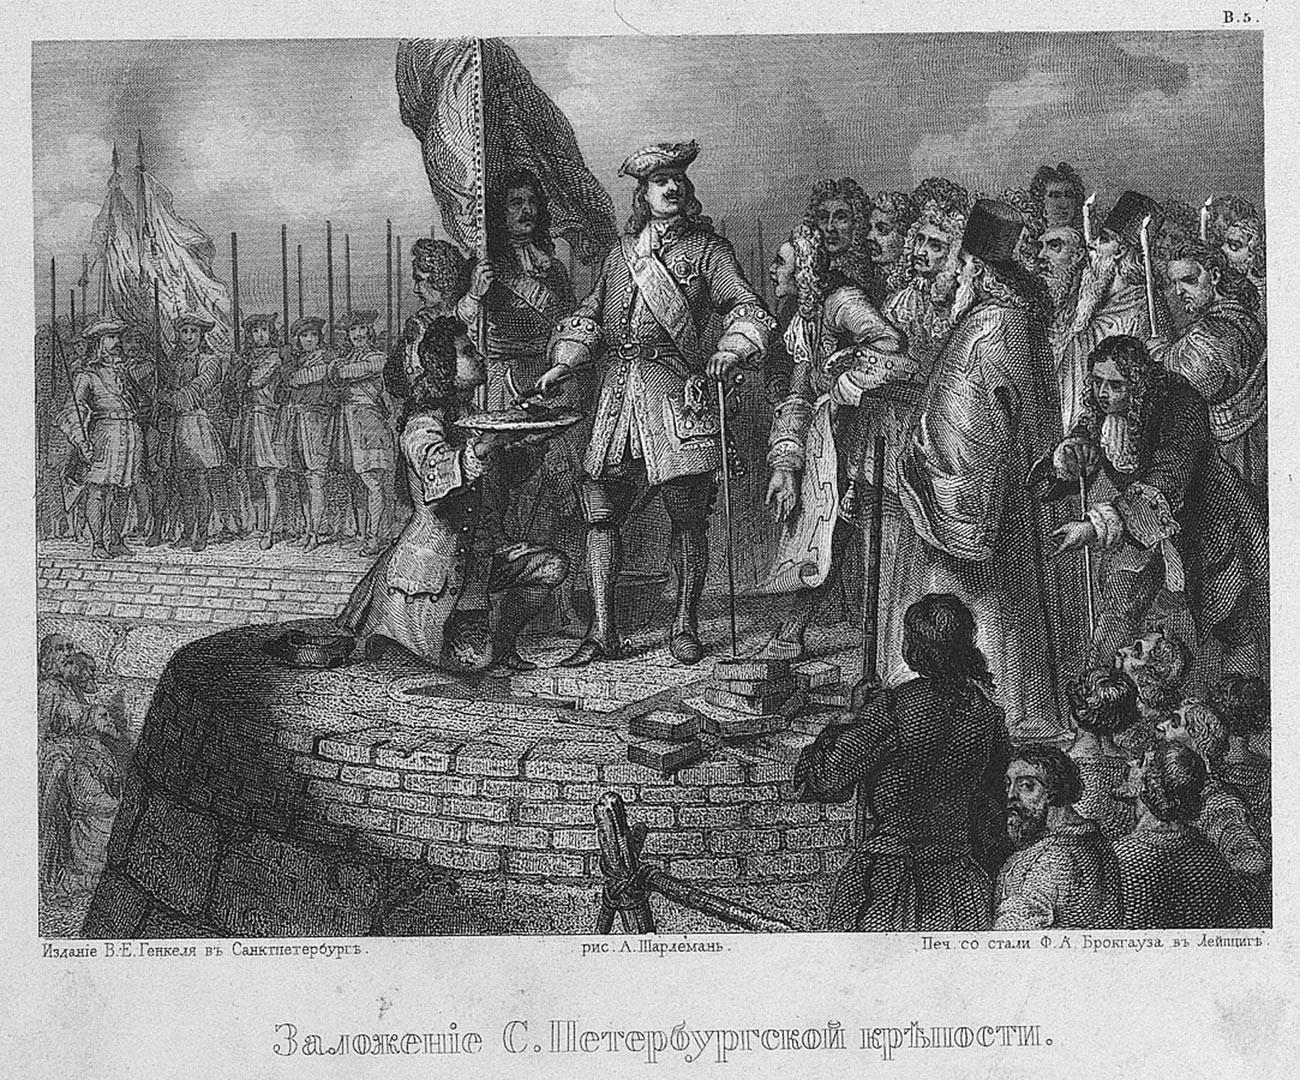 Fondation de la forteresse de Saint-Pétersbourg